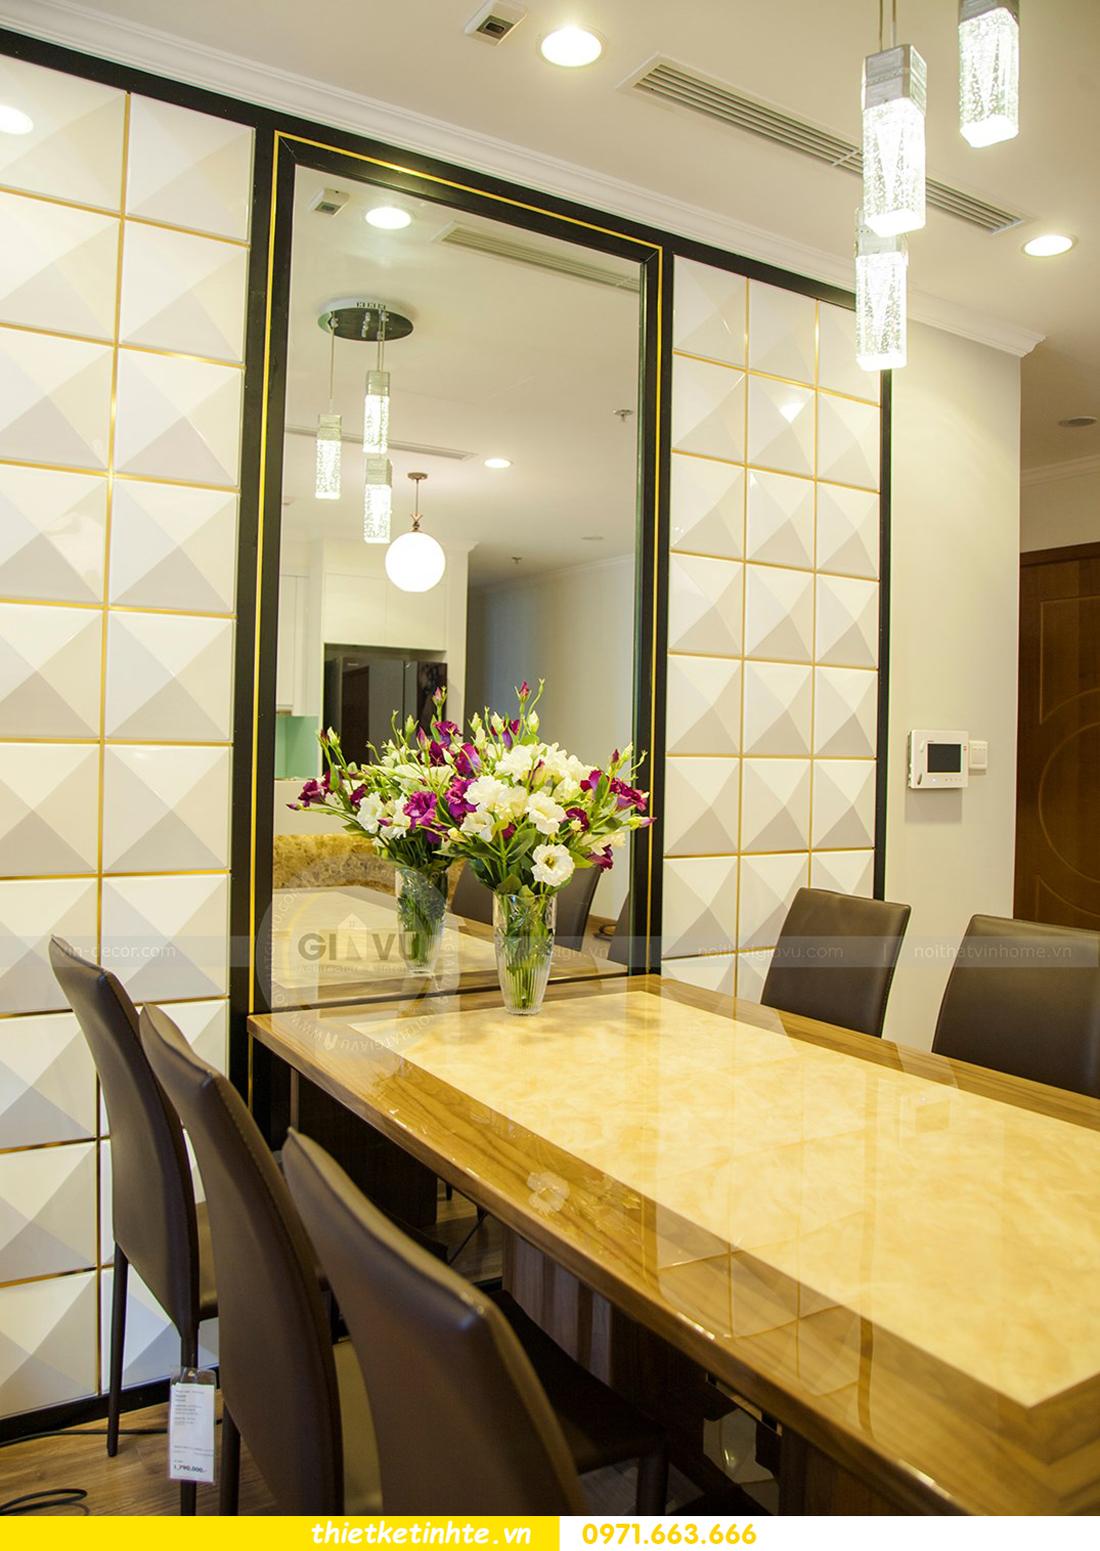 thiết kế hoàn thiện nội thất chung cư Park Hill 2 căn hộ 16 anh Thắng 04